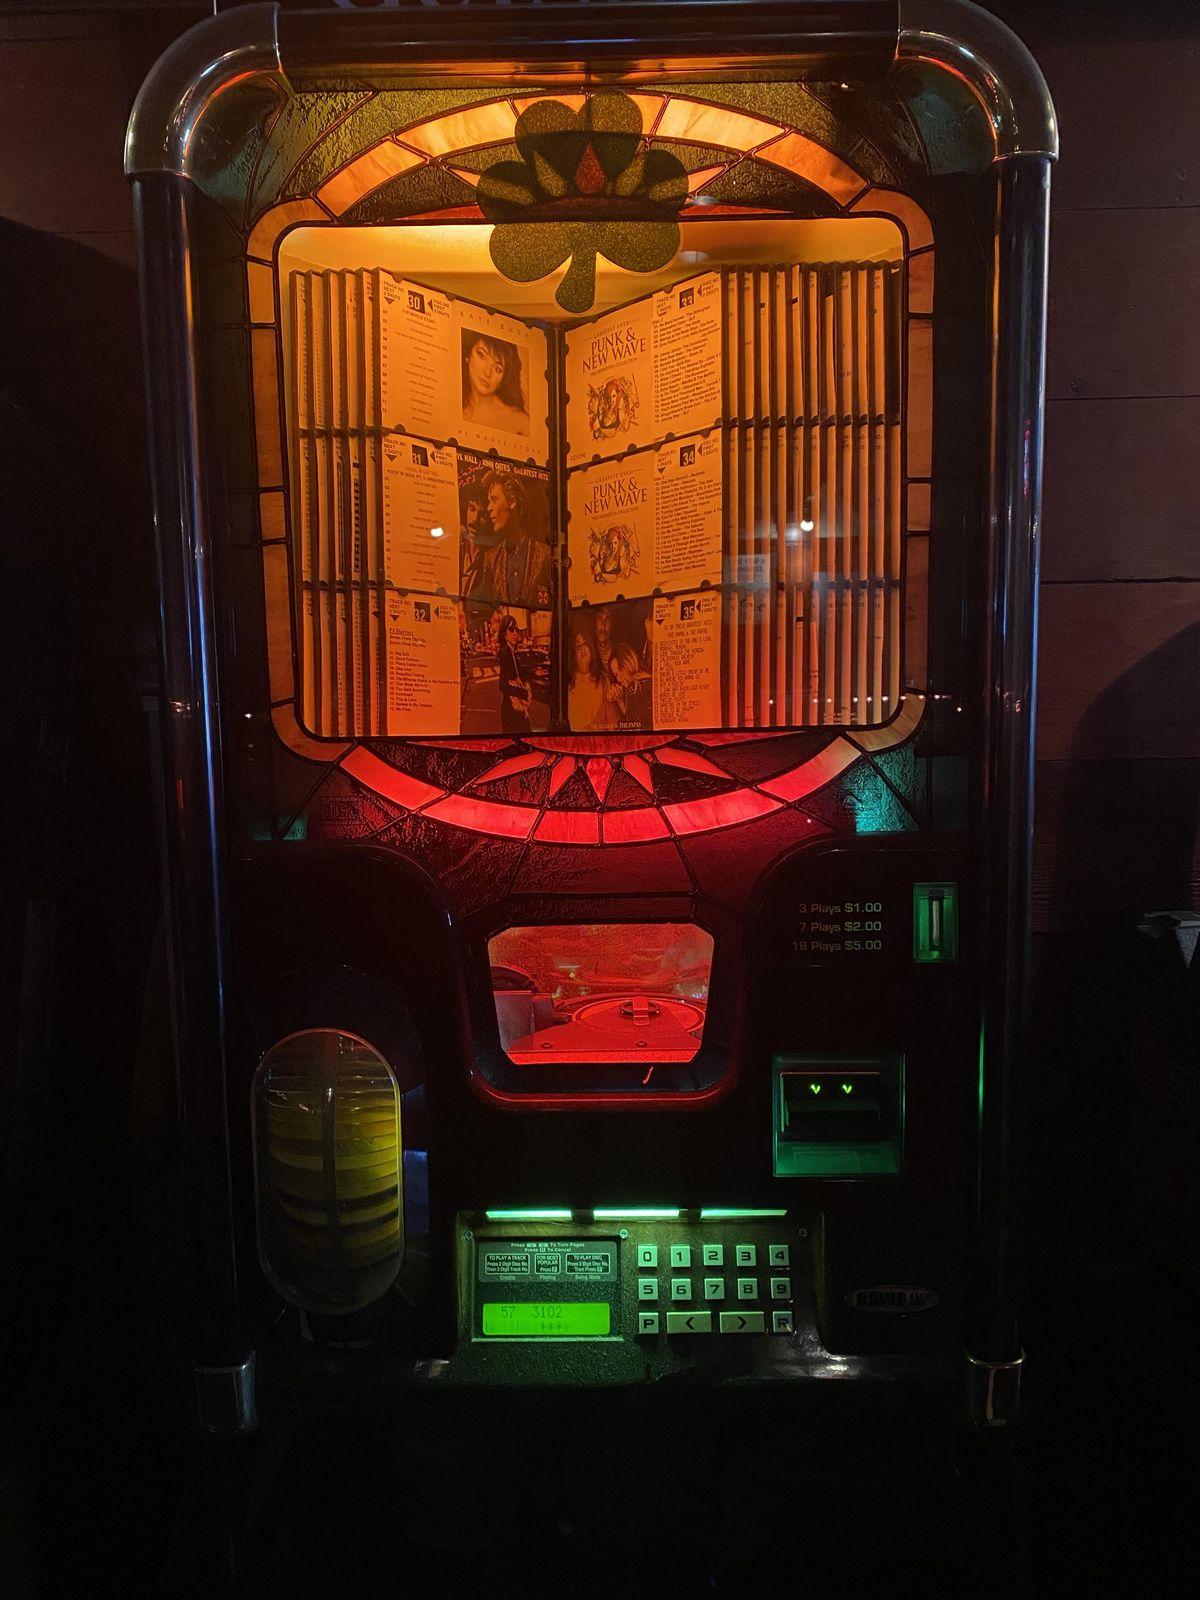 The jukebox at Last Call Bar